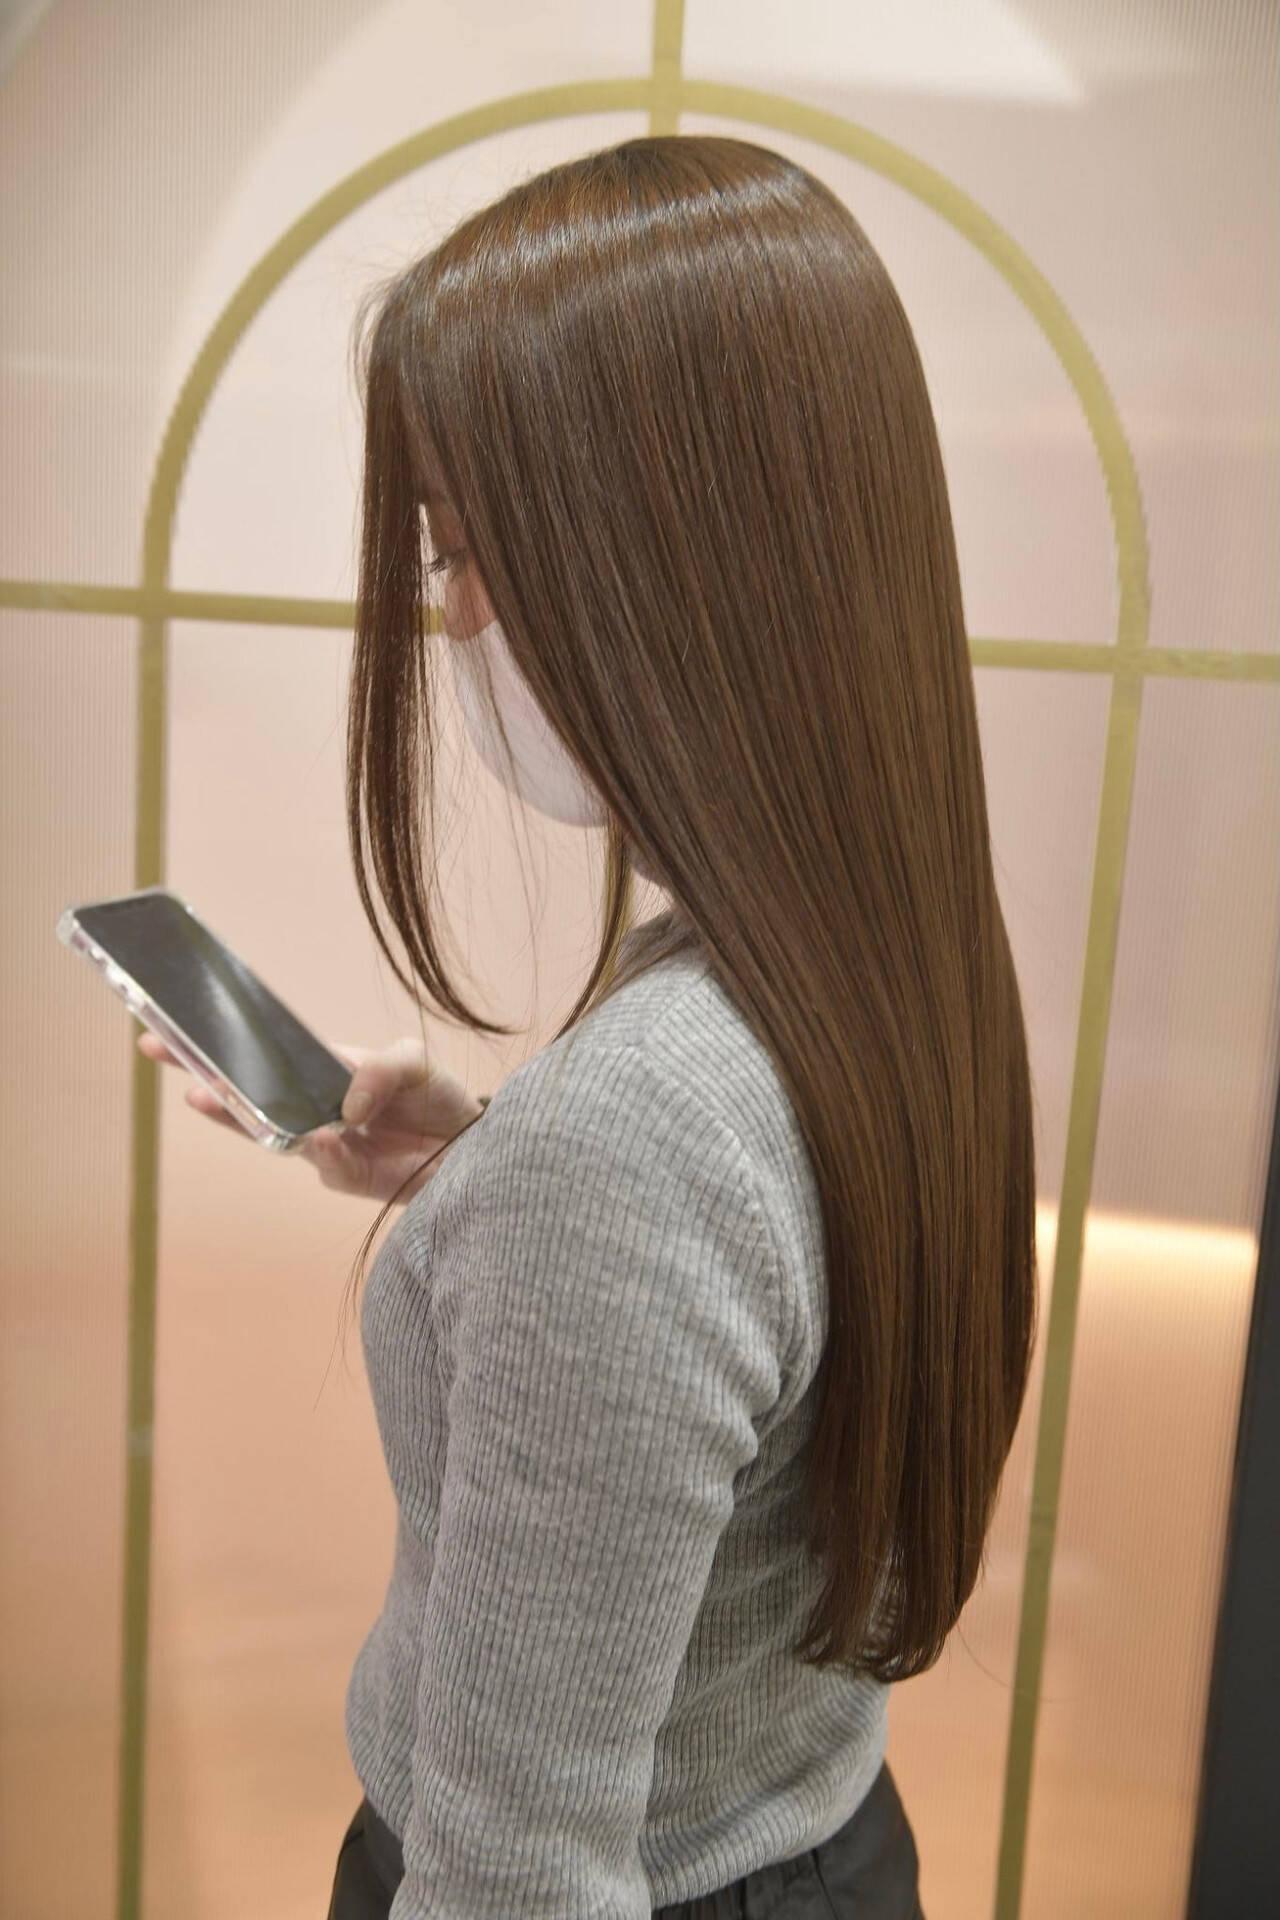 ナチュラル 艶髪 トリートメント 髪質改善トリートメントヘアスタイルや髪型の写真・画像